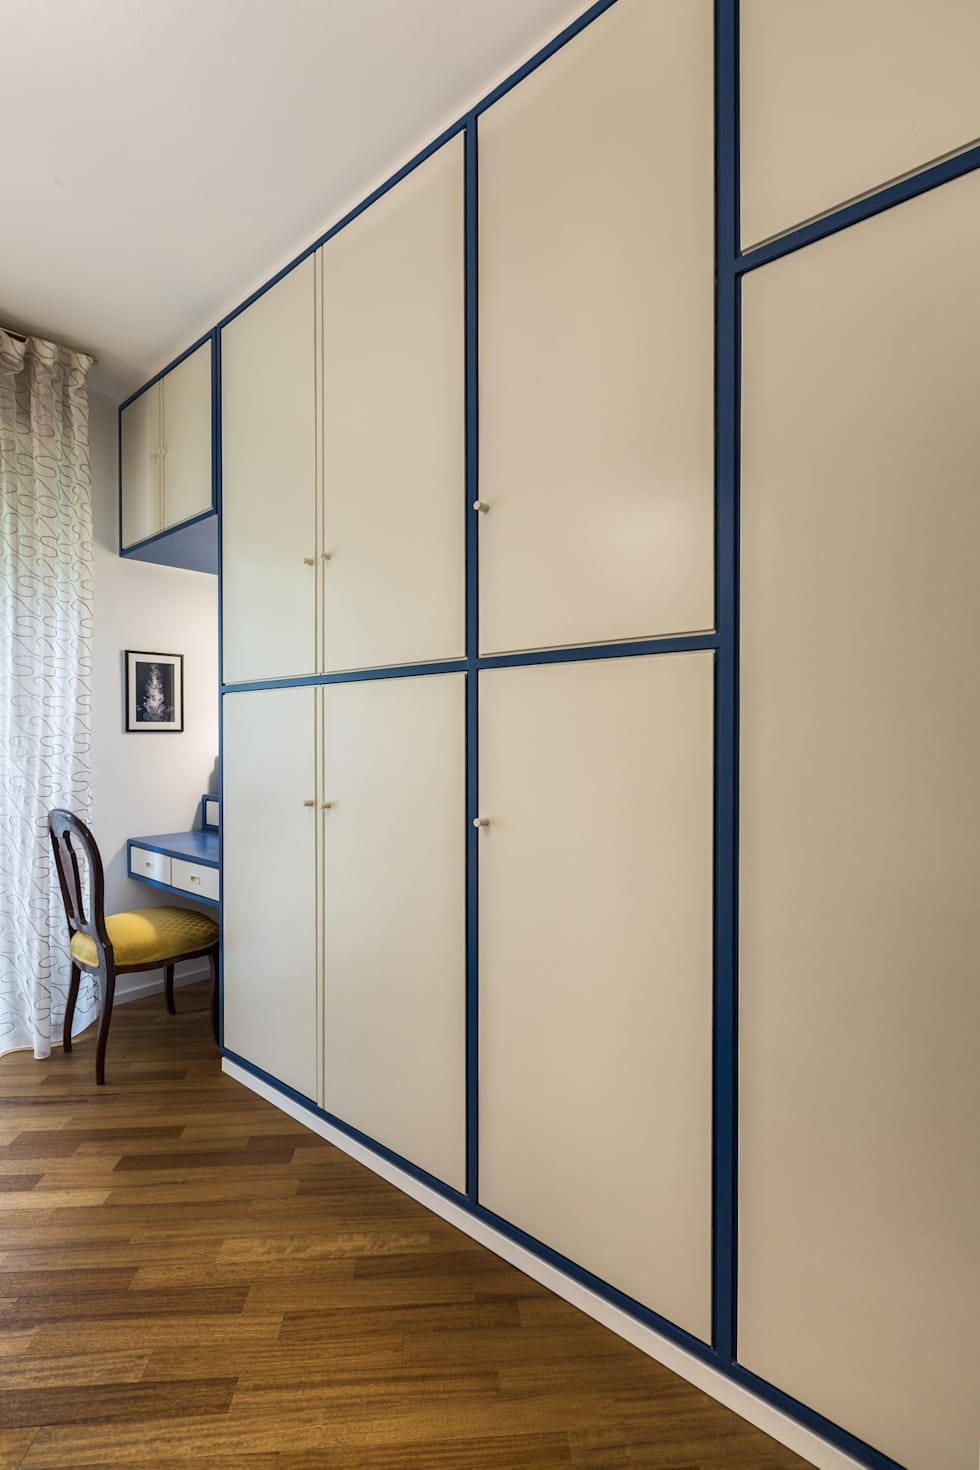 Ristrutturazione Appartamento Trieste: Camera da letto in stile in stile Classico di Elia Falaschi Photographer